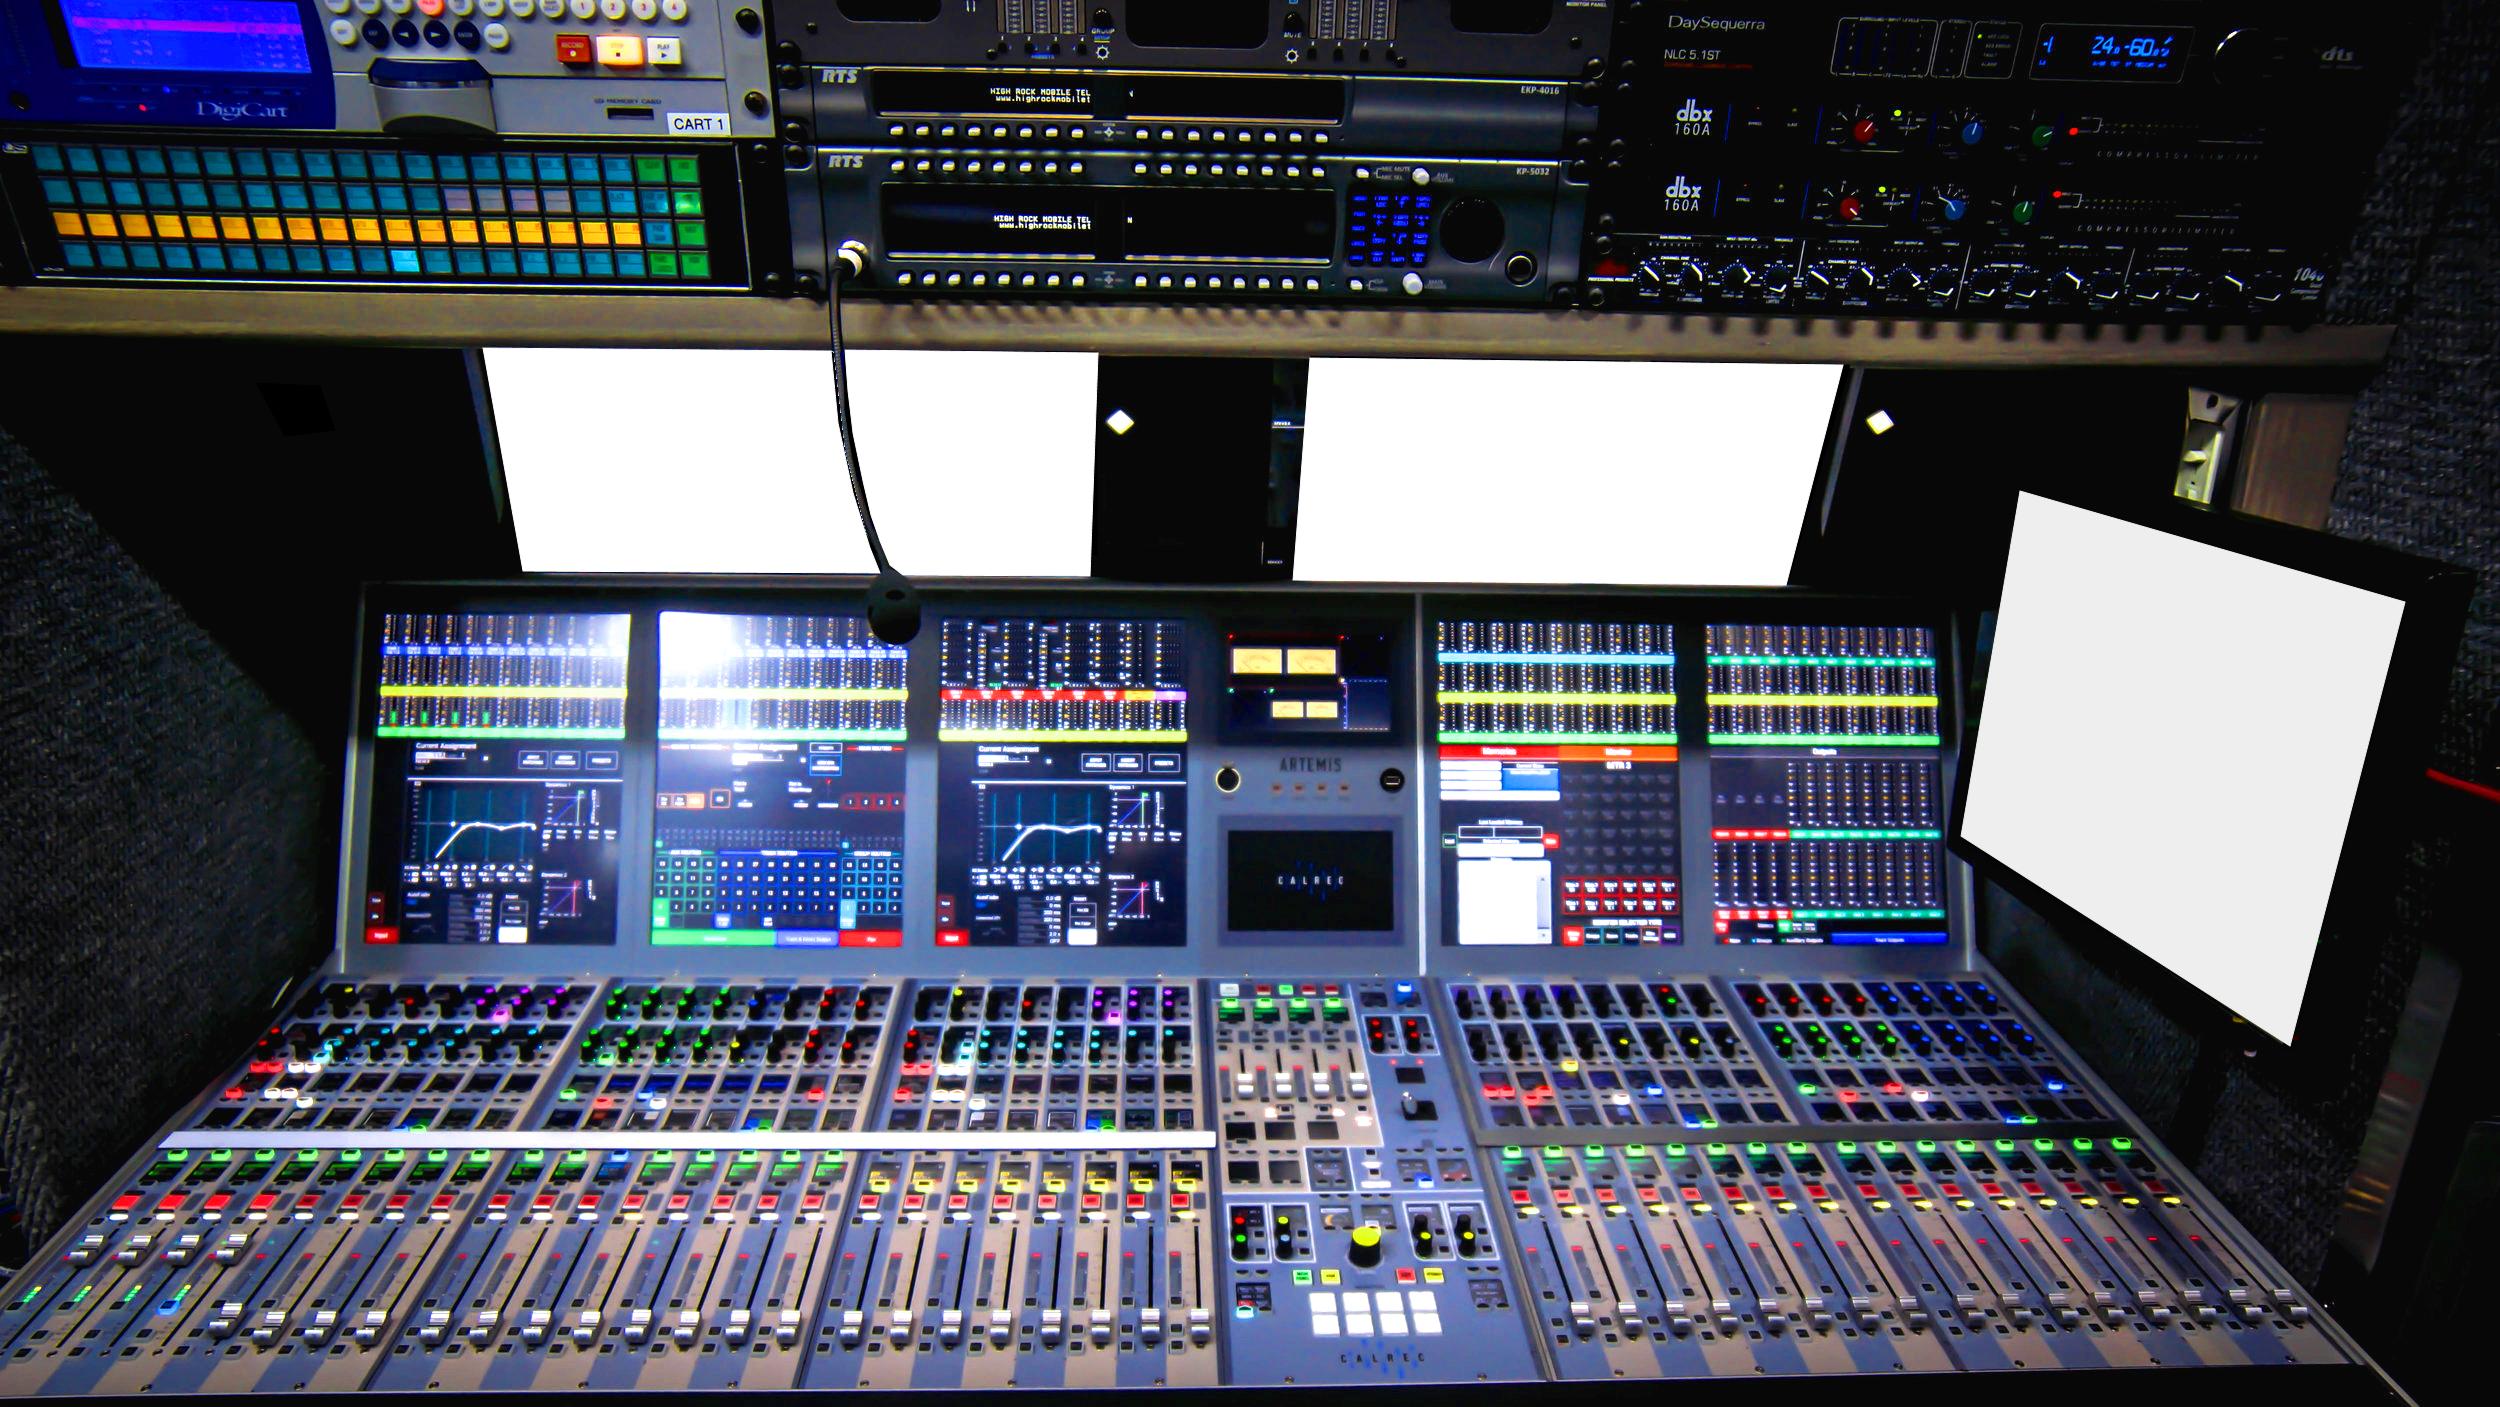 Calrec Artemis Light Audio Console